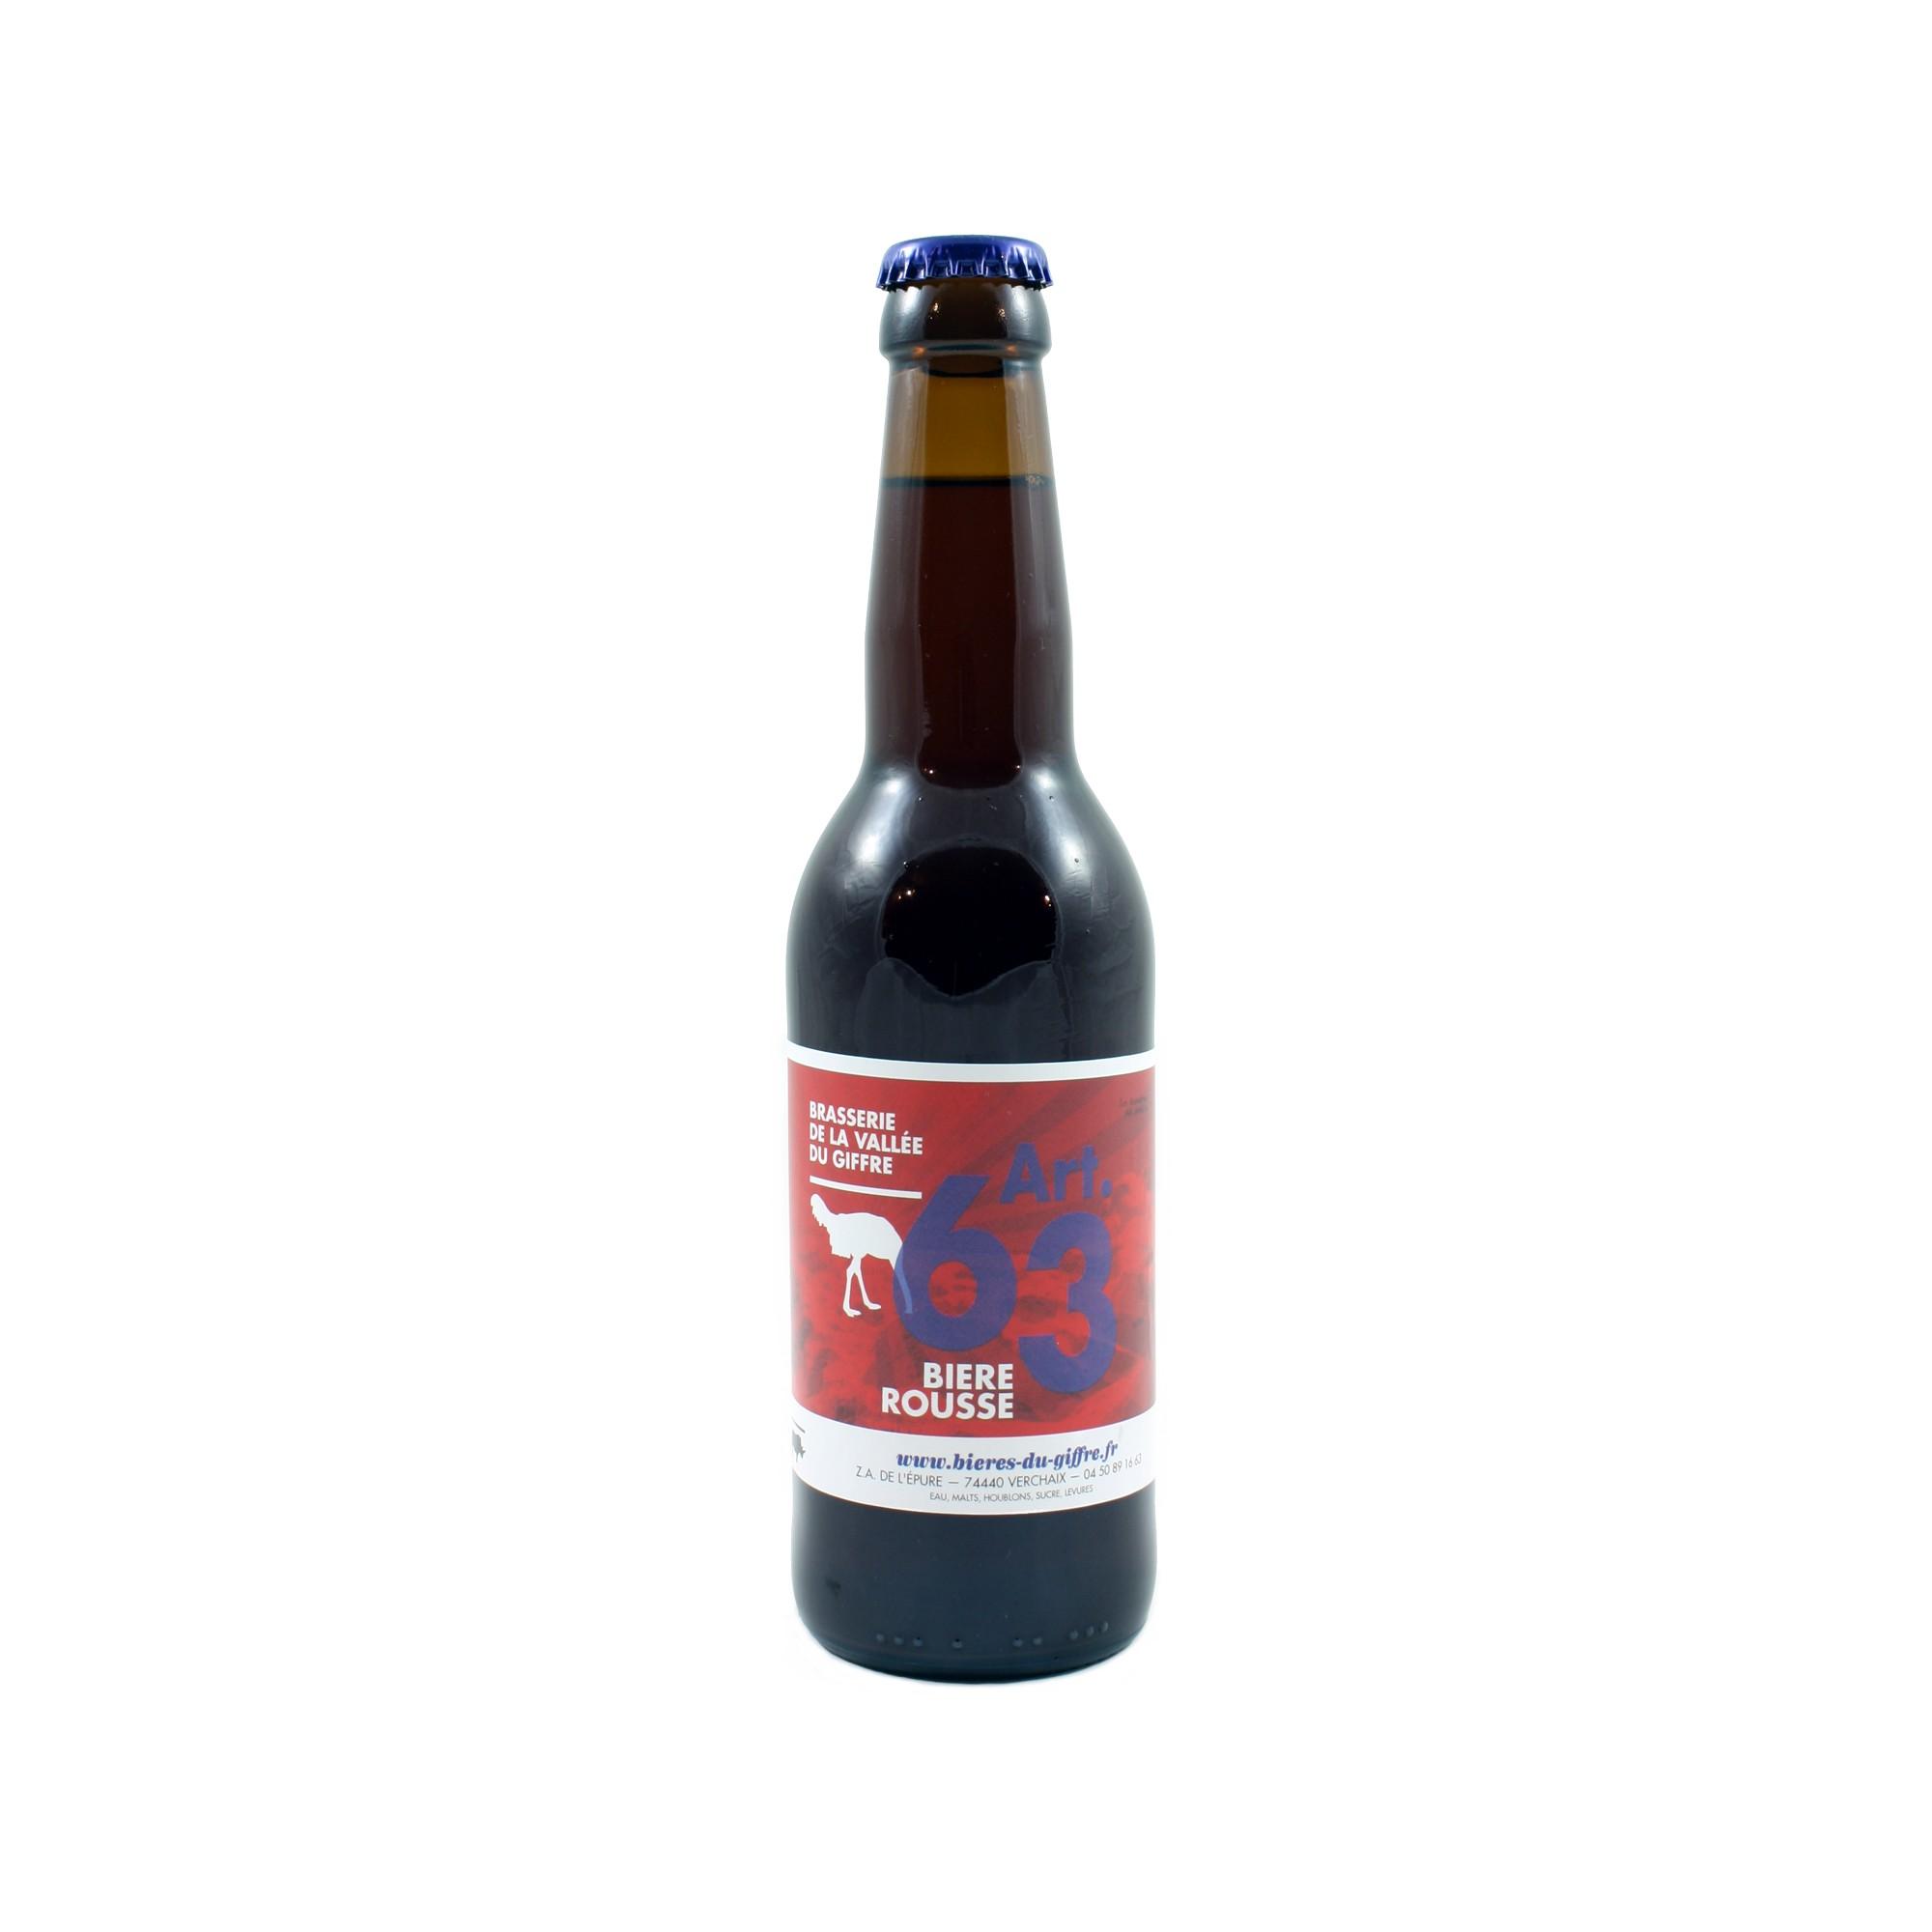 Art. 63 Bière Rousse 33 cl